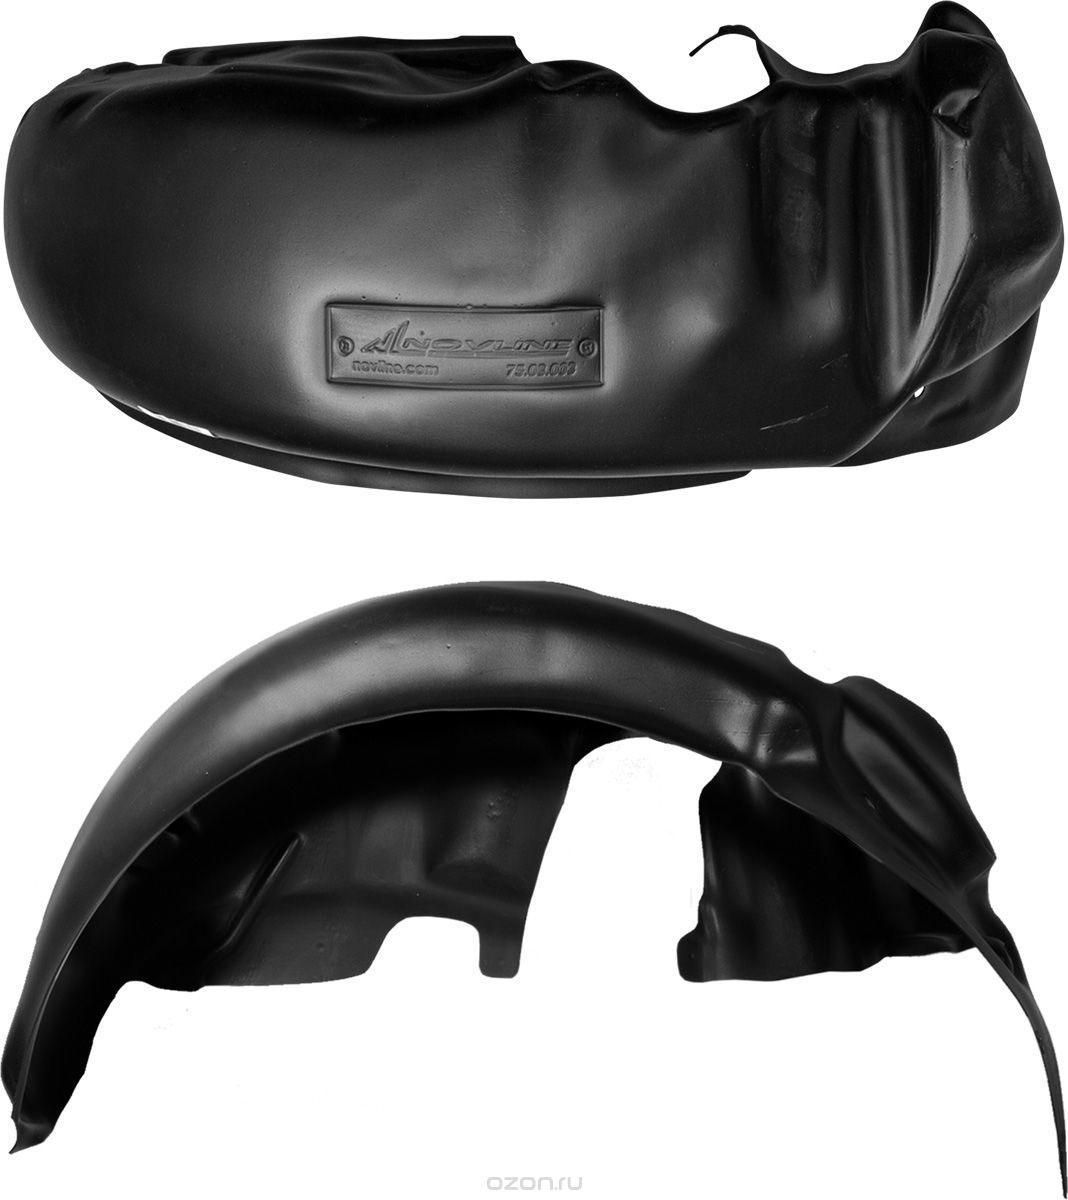 Подкрылок Novline-Autofamily, для CHEVROLET Aveo 5D/3D 2008->, хб., передний левый, NLL.08.13.00142803004Идеальная защита колесной ниши. Локеры разработаны с применением цифровых технологий, гарантируют максимальную повторяемость поверхности арки. Изделия устанавливаются без нарушения лакокрасочного покрытия автомобиля, каждый подкрылок комплектуется крепежом. Уважаемые клиенты, обращаем ваше внимание, что фотографии на подкрылки универсальные и не отражают реальную форму изделия. При этом само изделие идет точно под размер указанного автомобиля.